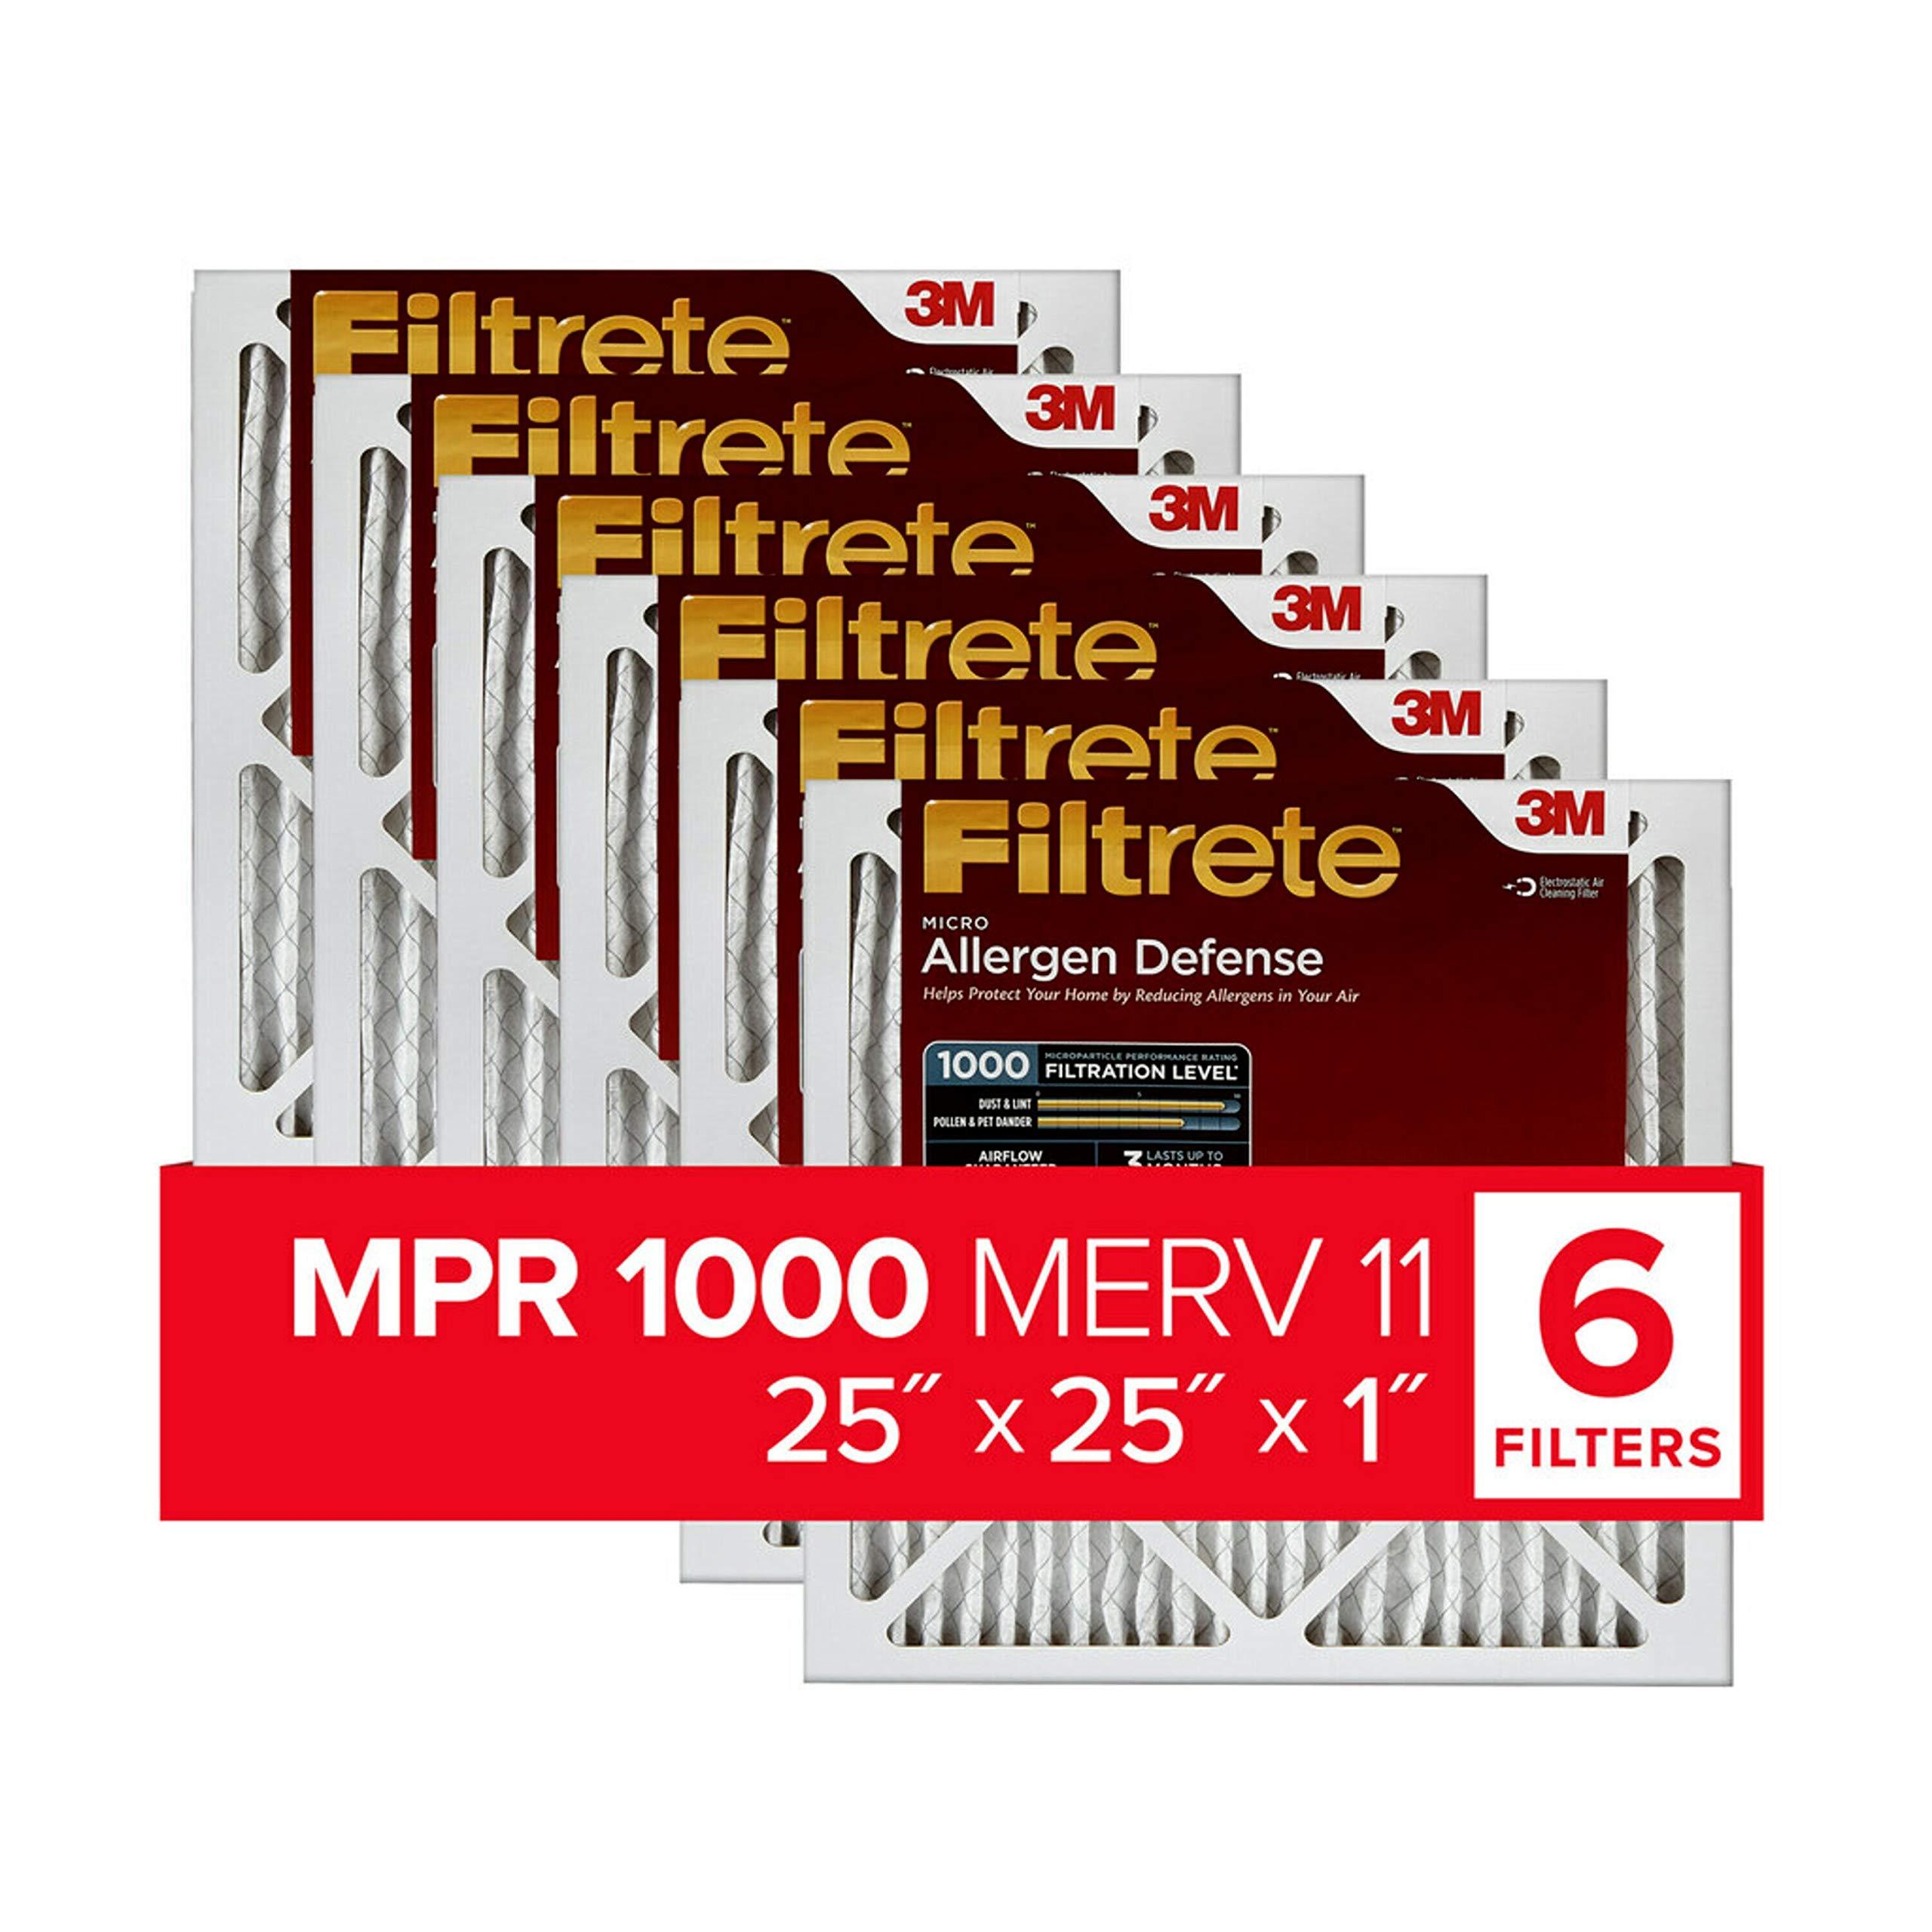 Filtrete 25x25x1, AC Furnace Air Filter, MPR 1000, Micro Allergen Defense, 6-Pack